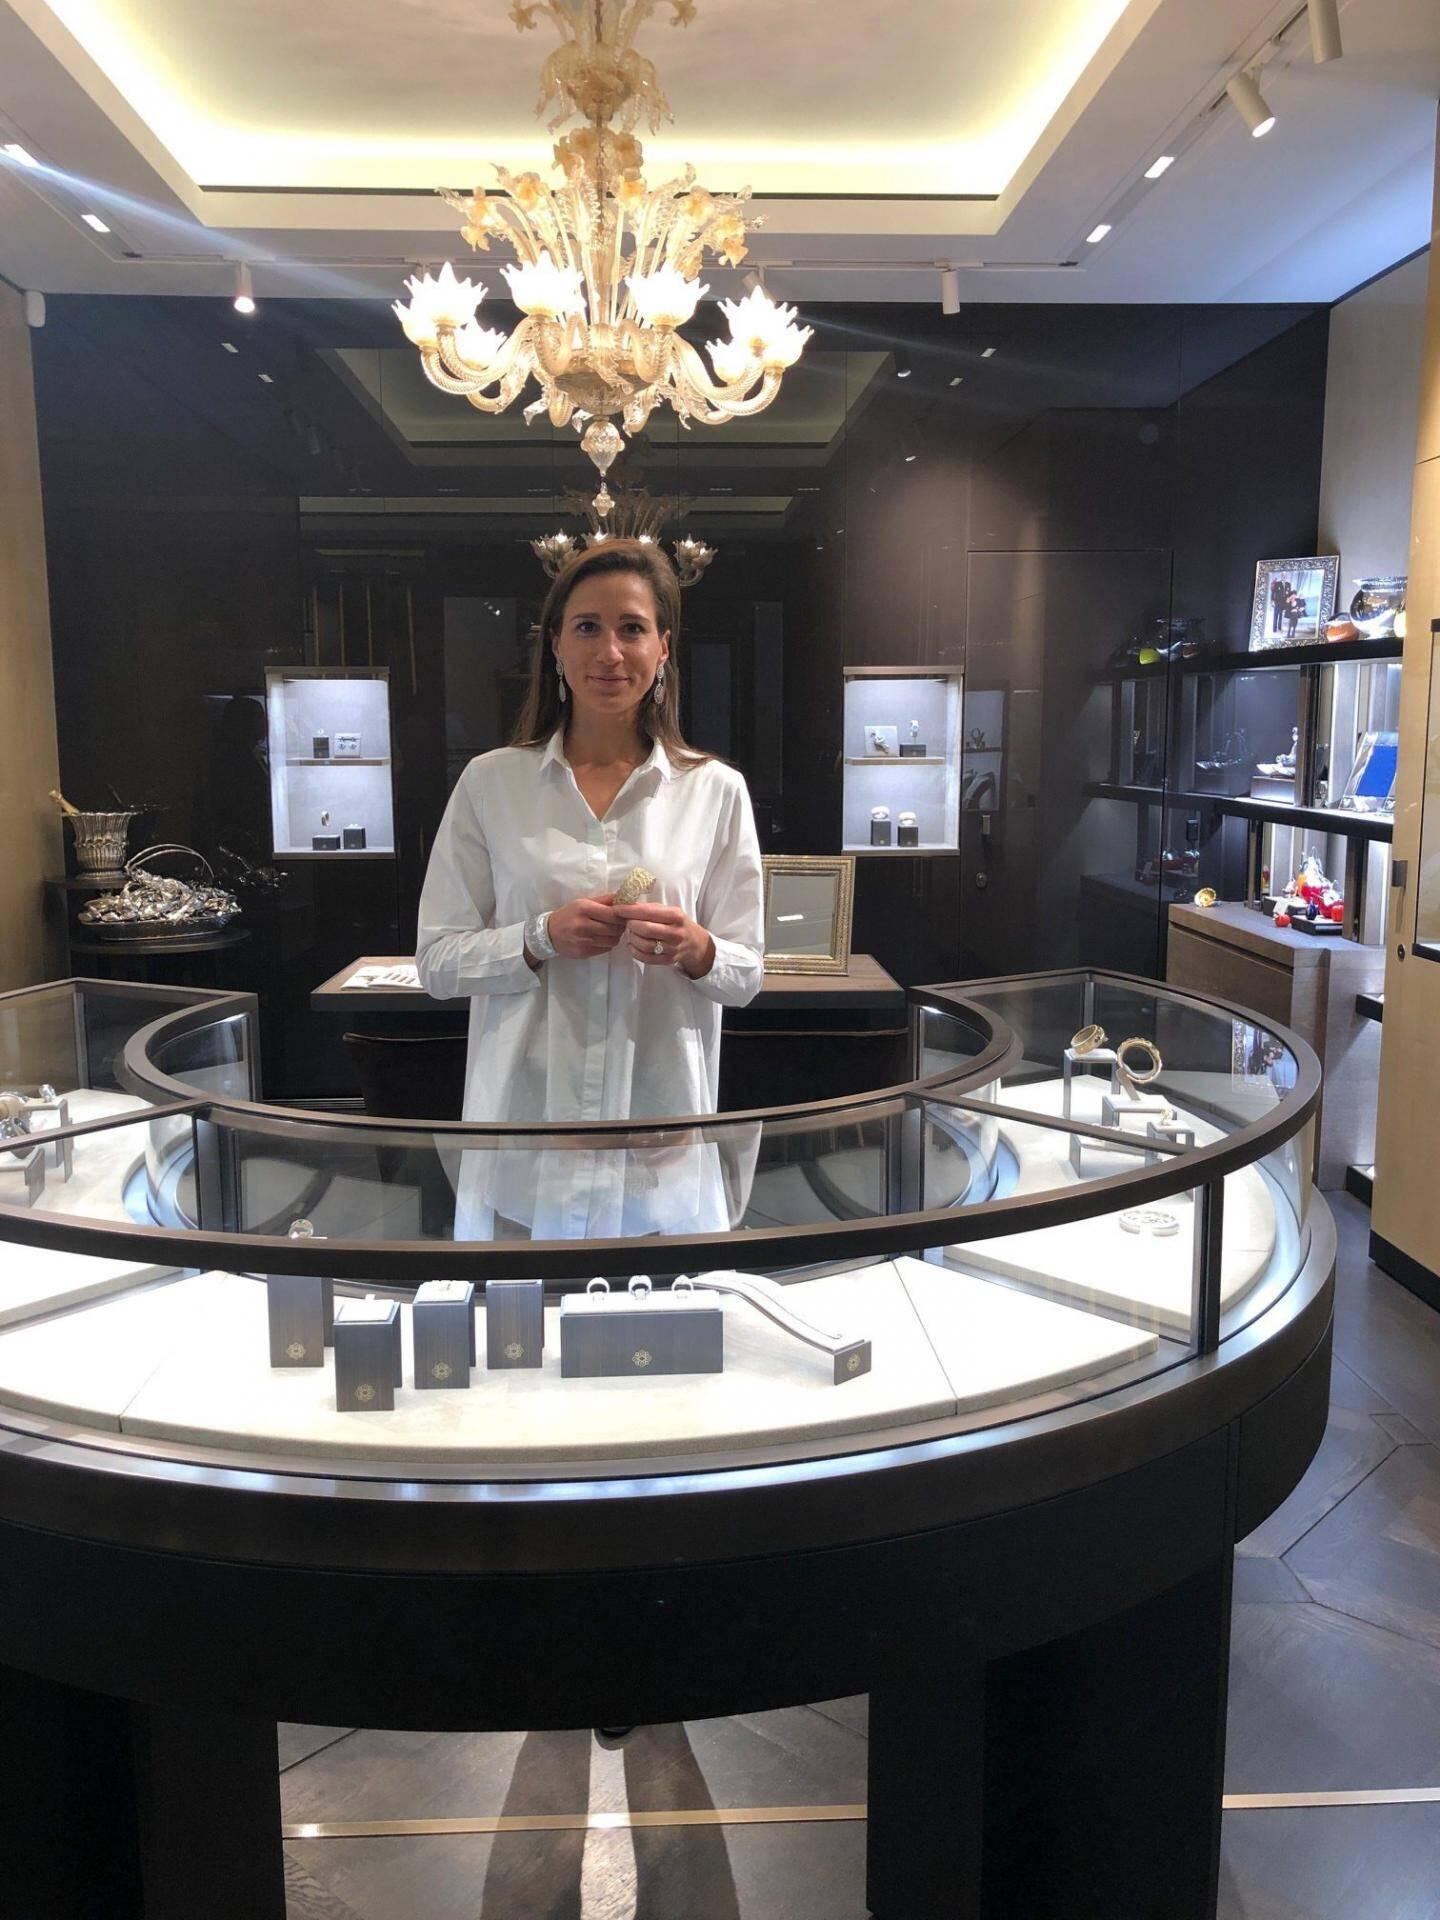 Élodie Picard, responsable de la boutique Buccelatti de l'Hôtel de Paris.